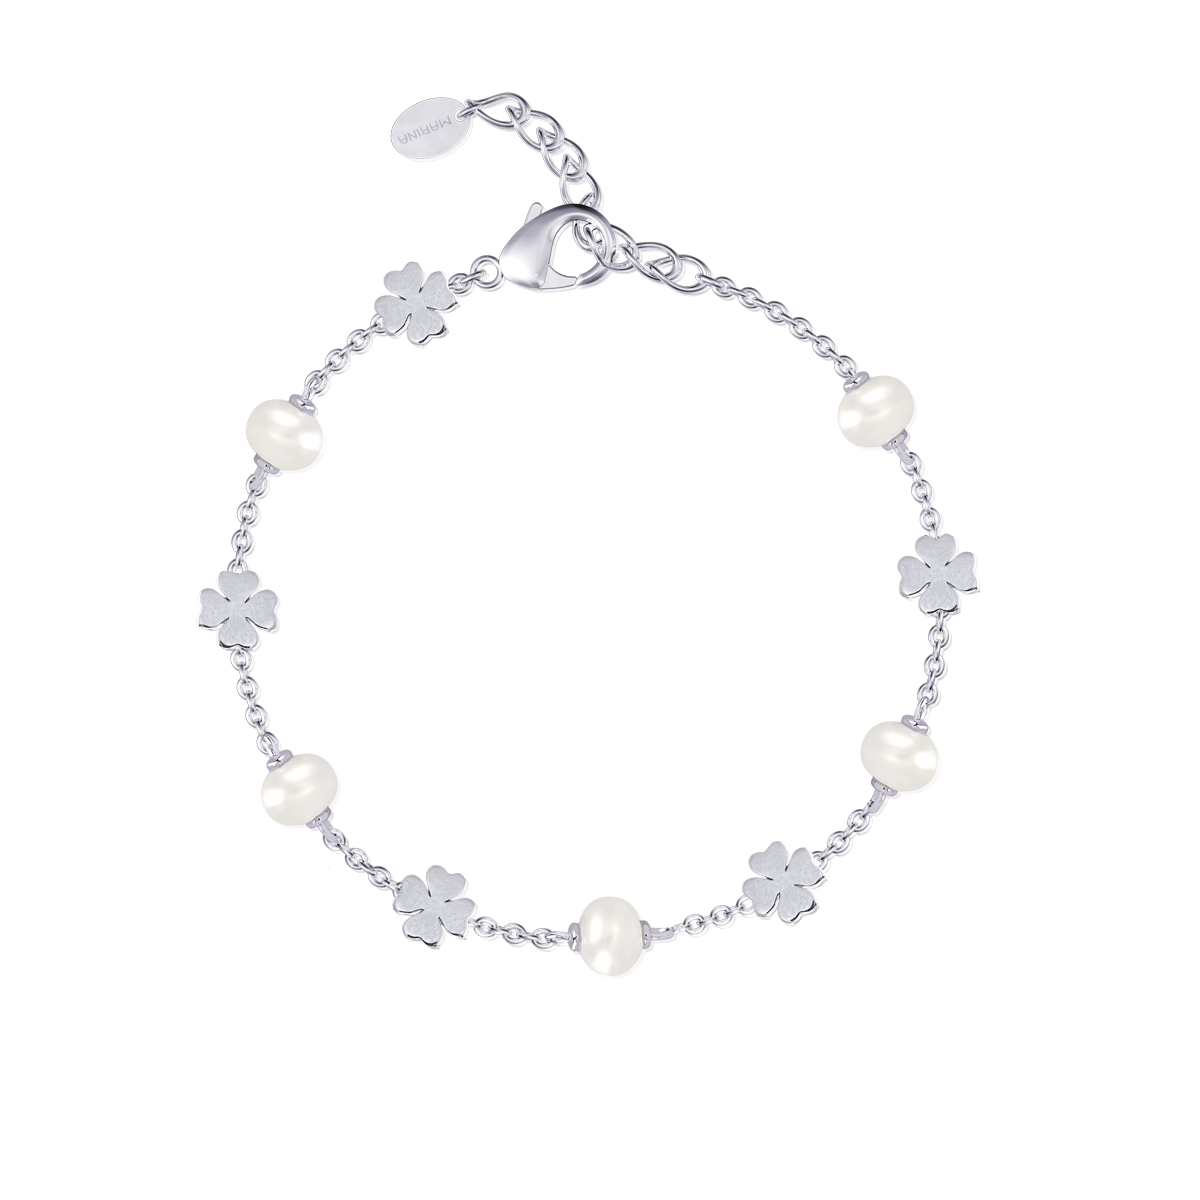 Bracciale Donna Mabina in Argento Quadrifoglio con perle